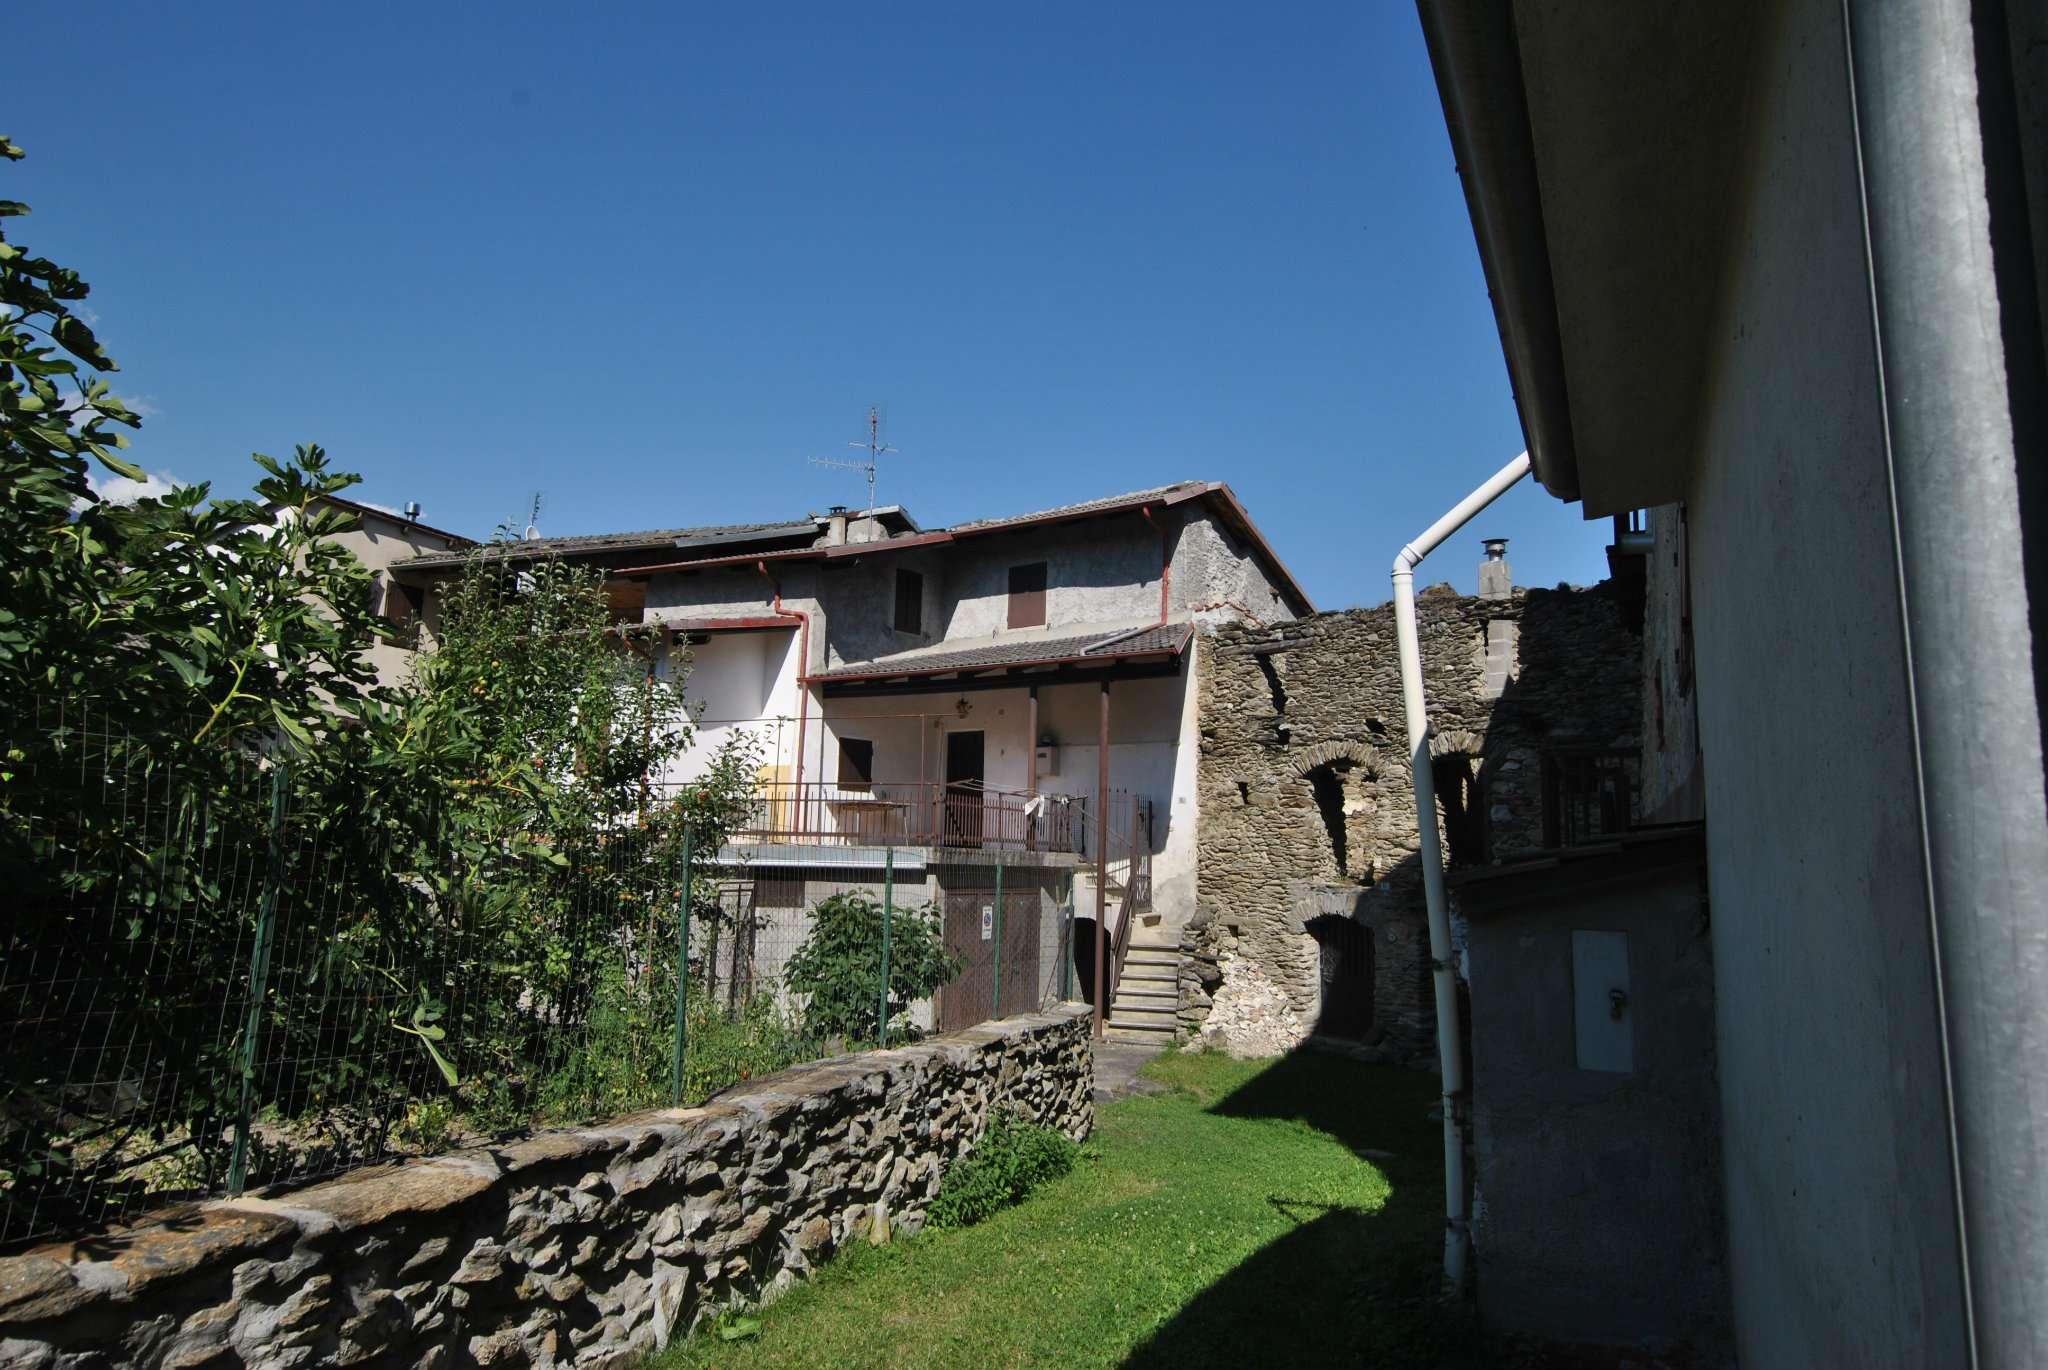 Soluzione Semindipendente in vendita a Mattie, 4 locali, prezzo € 60.000   PortaleAgenzieImmobiliari.it